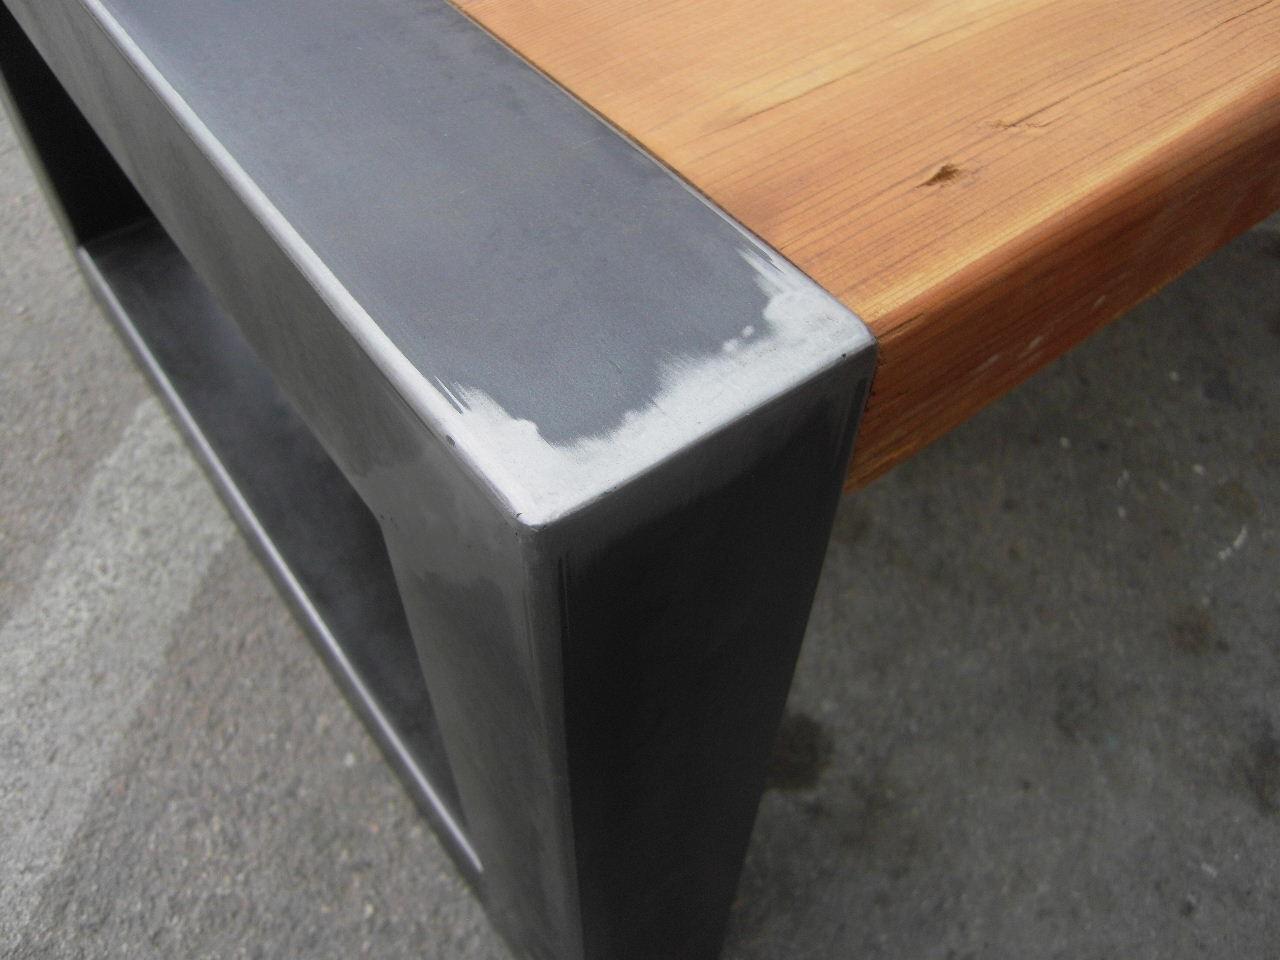 Muebles de dise u00f1o y de estilo industrial